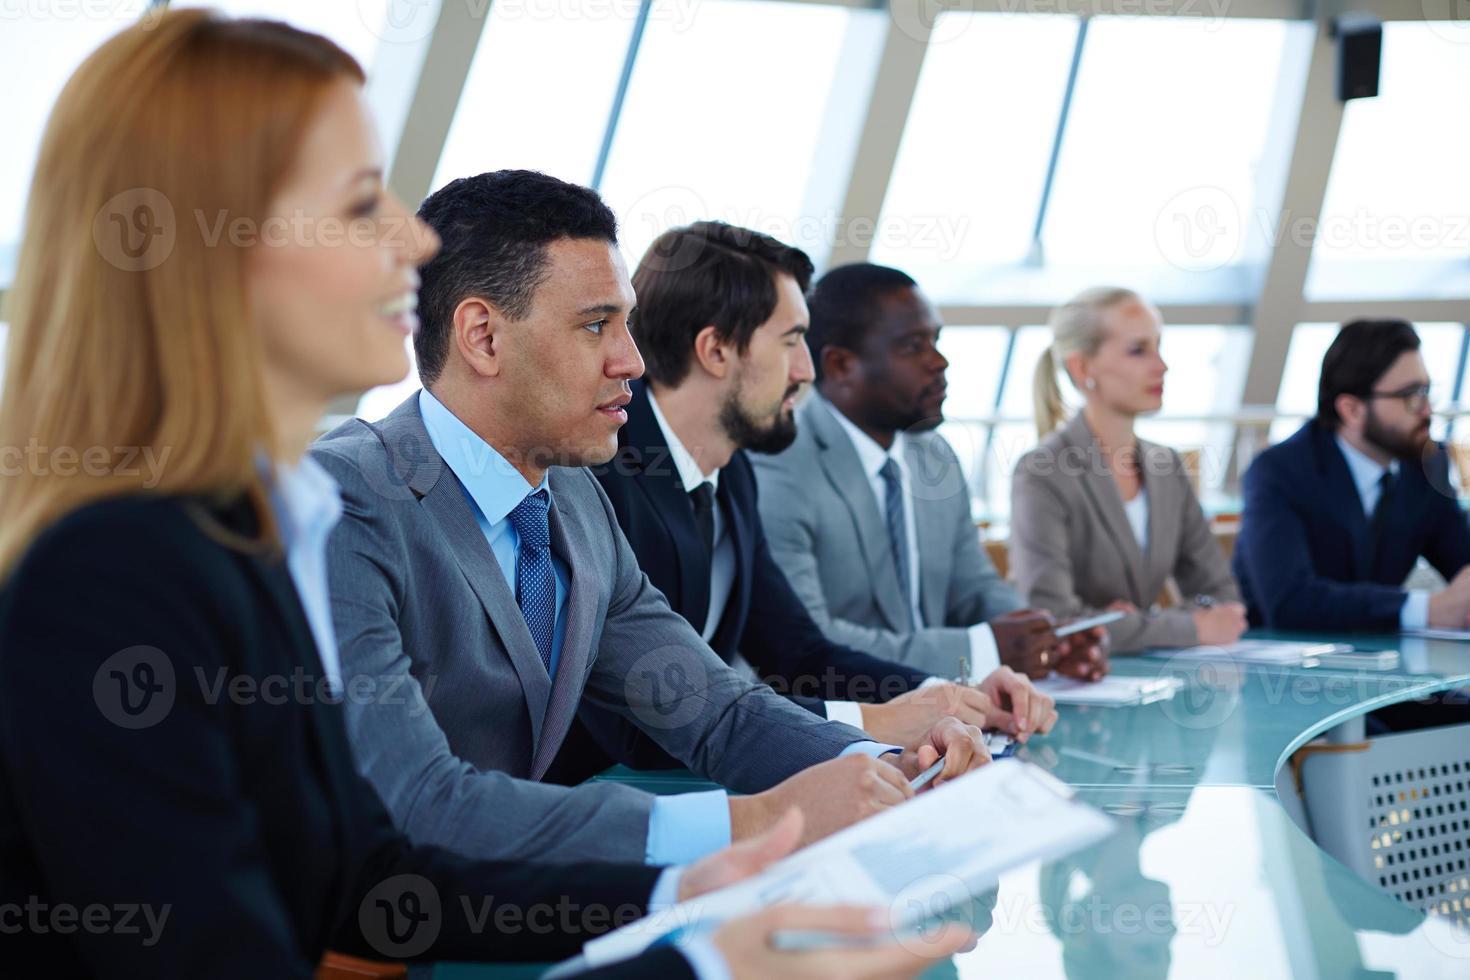 seminário de negócios foto